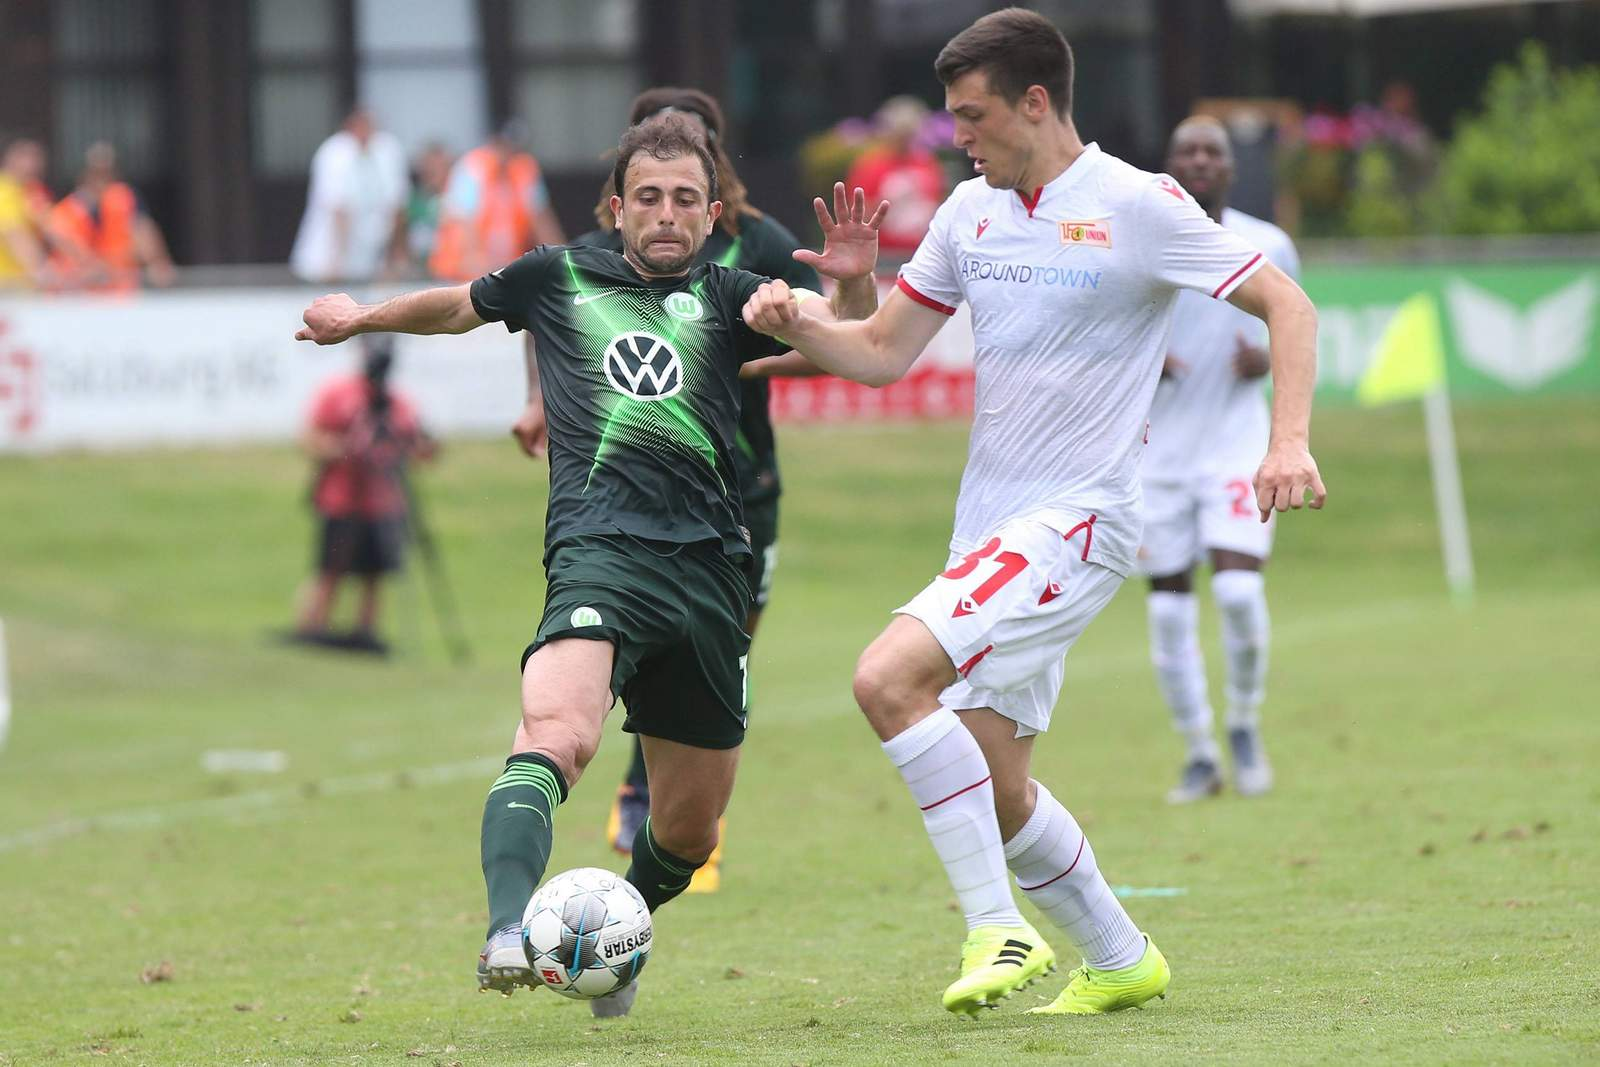 Setzt sich Mehmedi wieder durch? Jetzt auf Wolfsburg gegen Union wetten